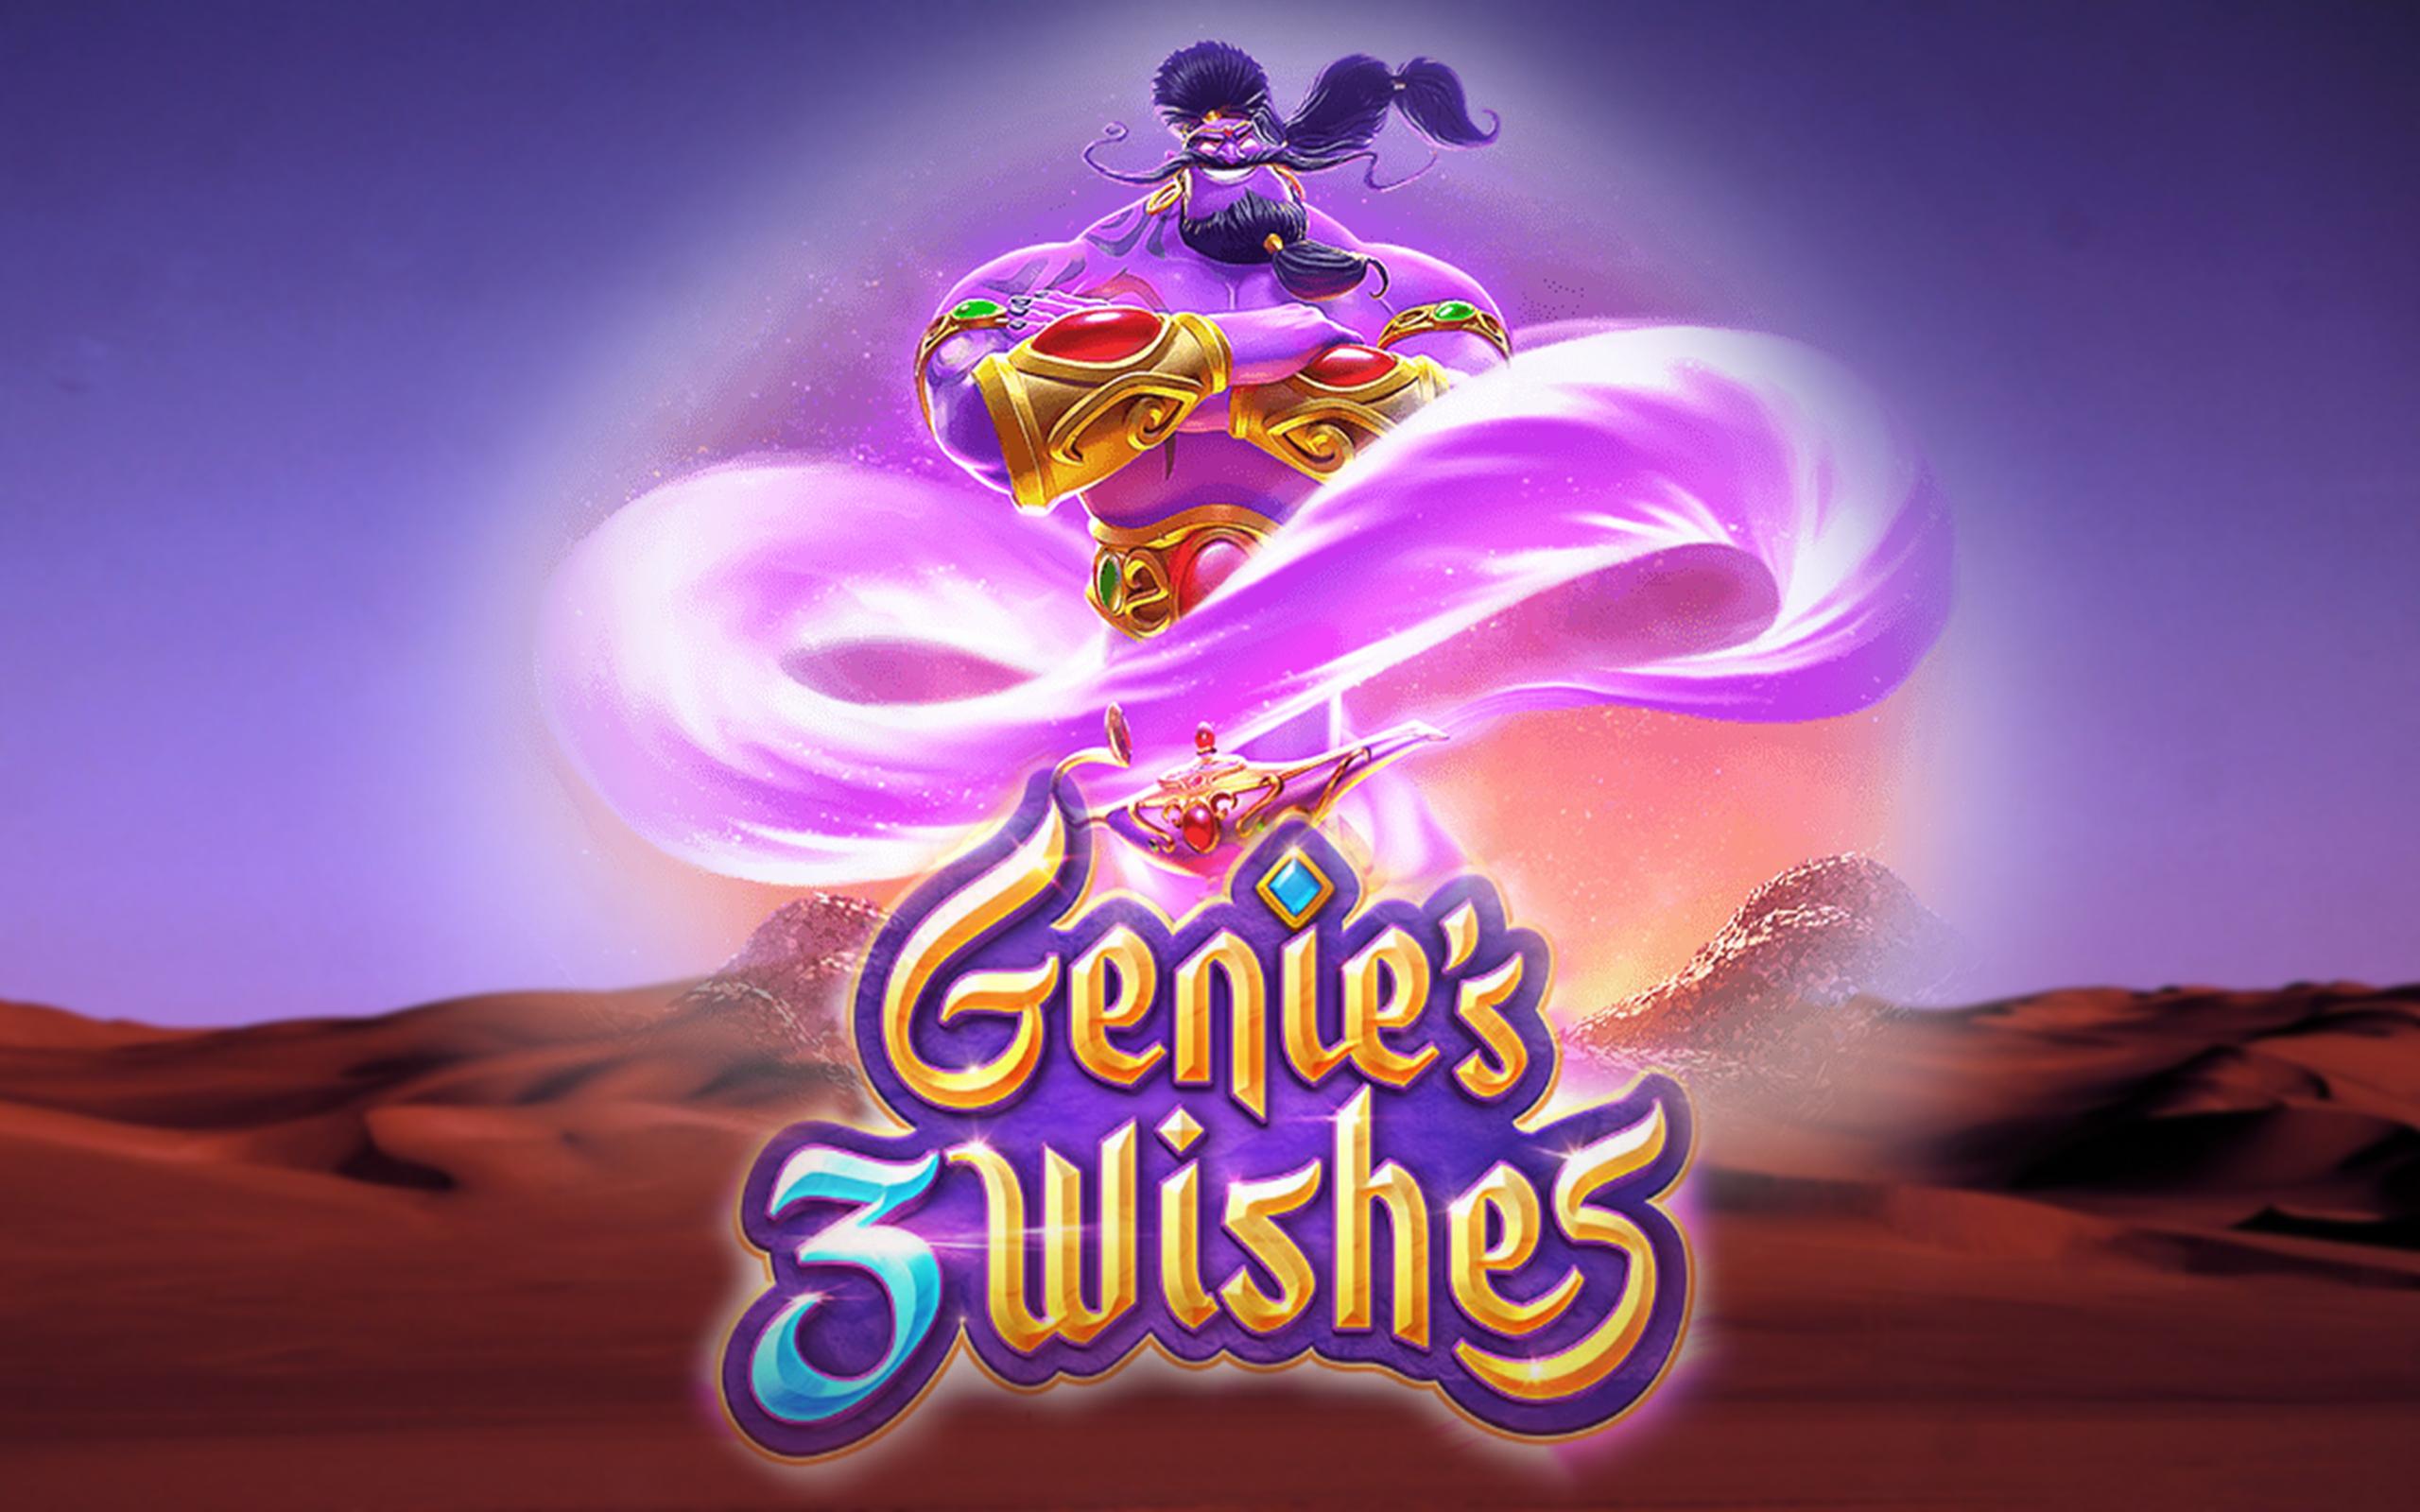 3 Genie Wishes No Download Slot